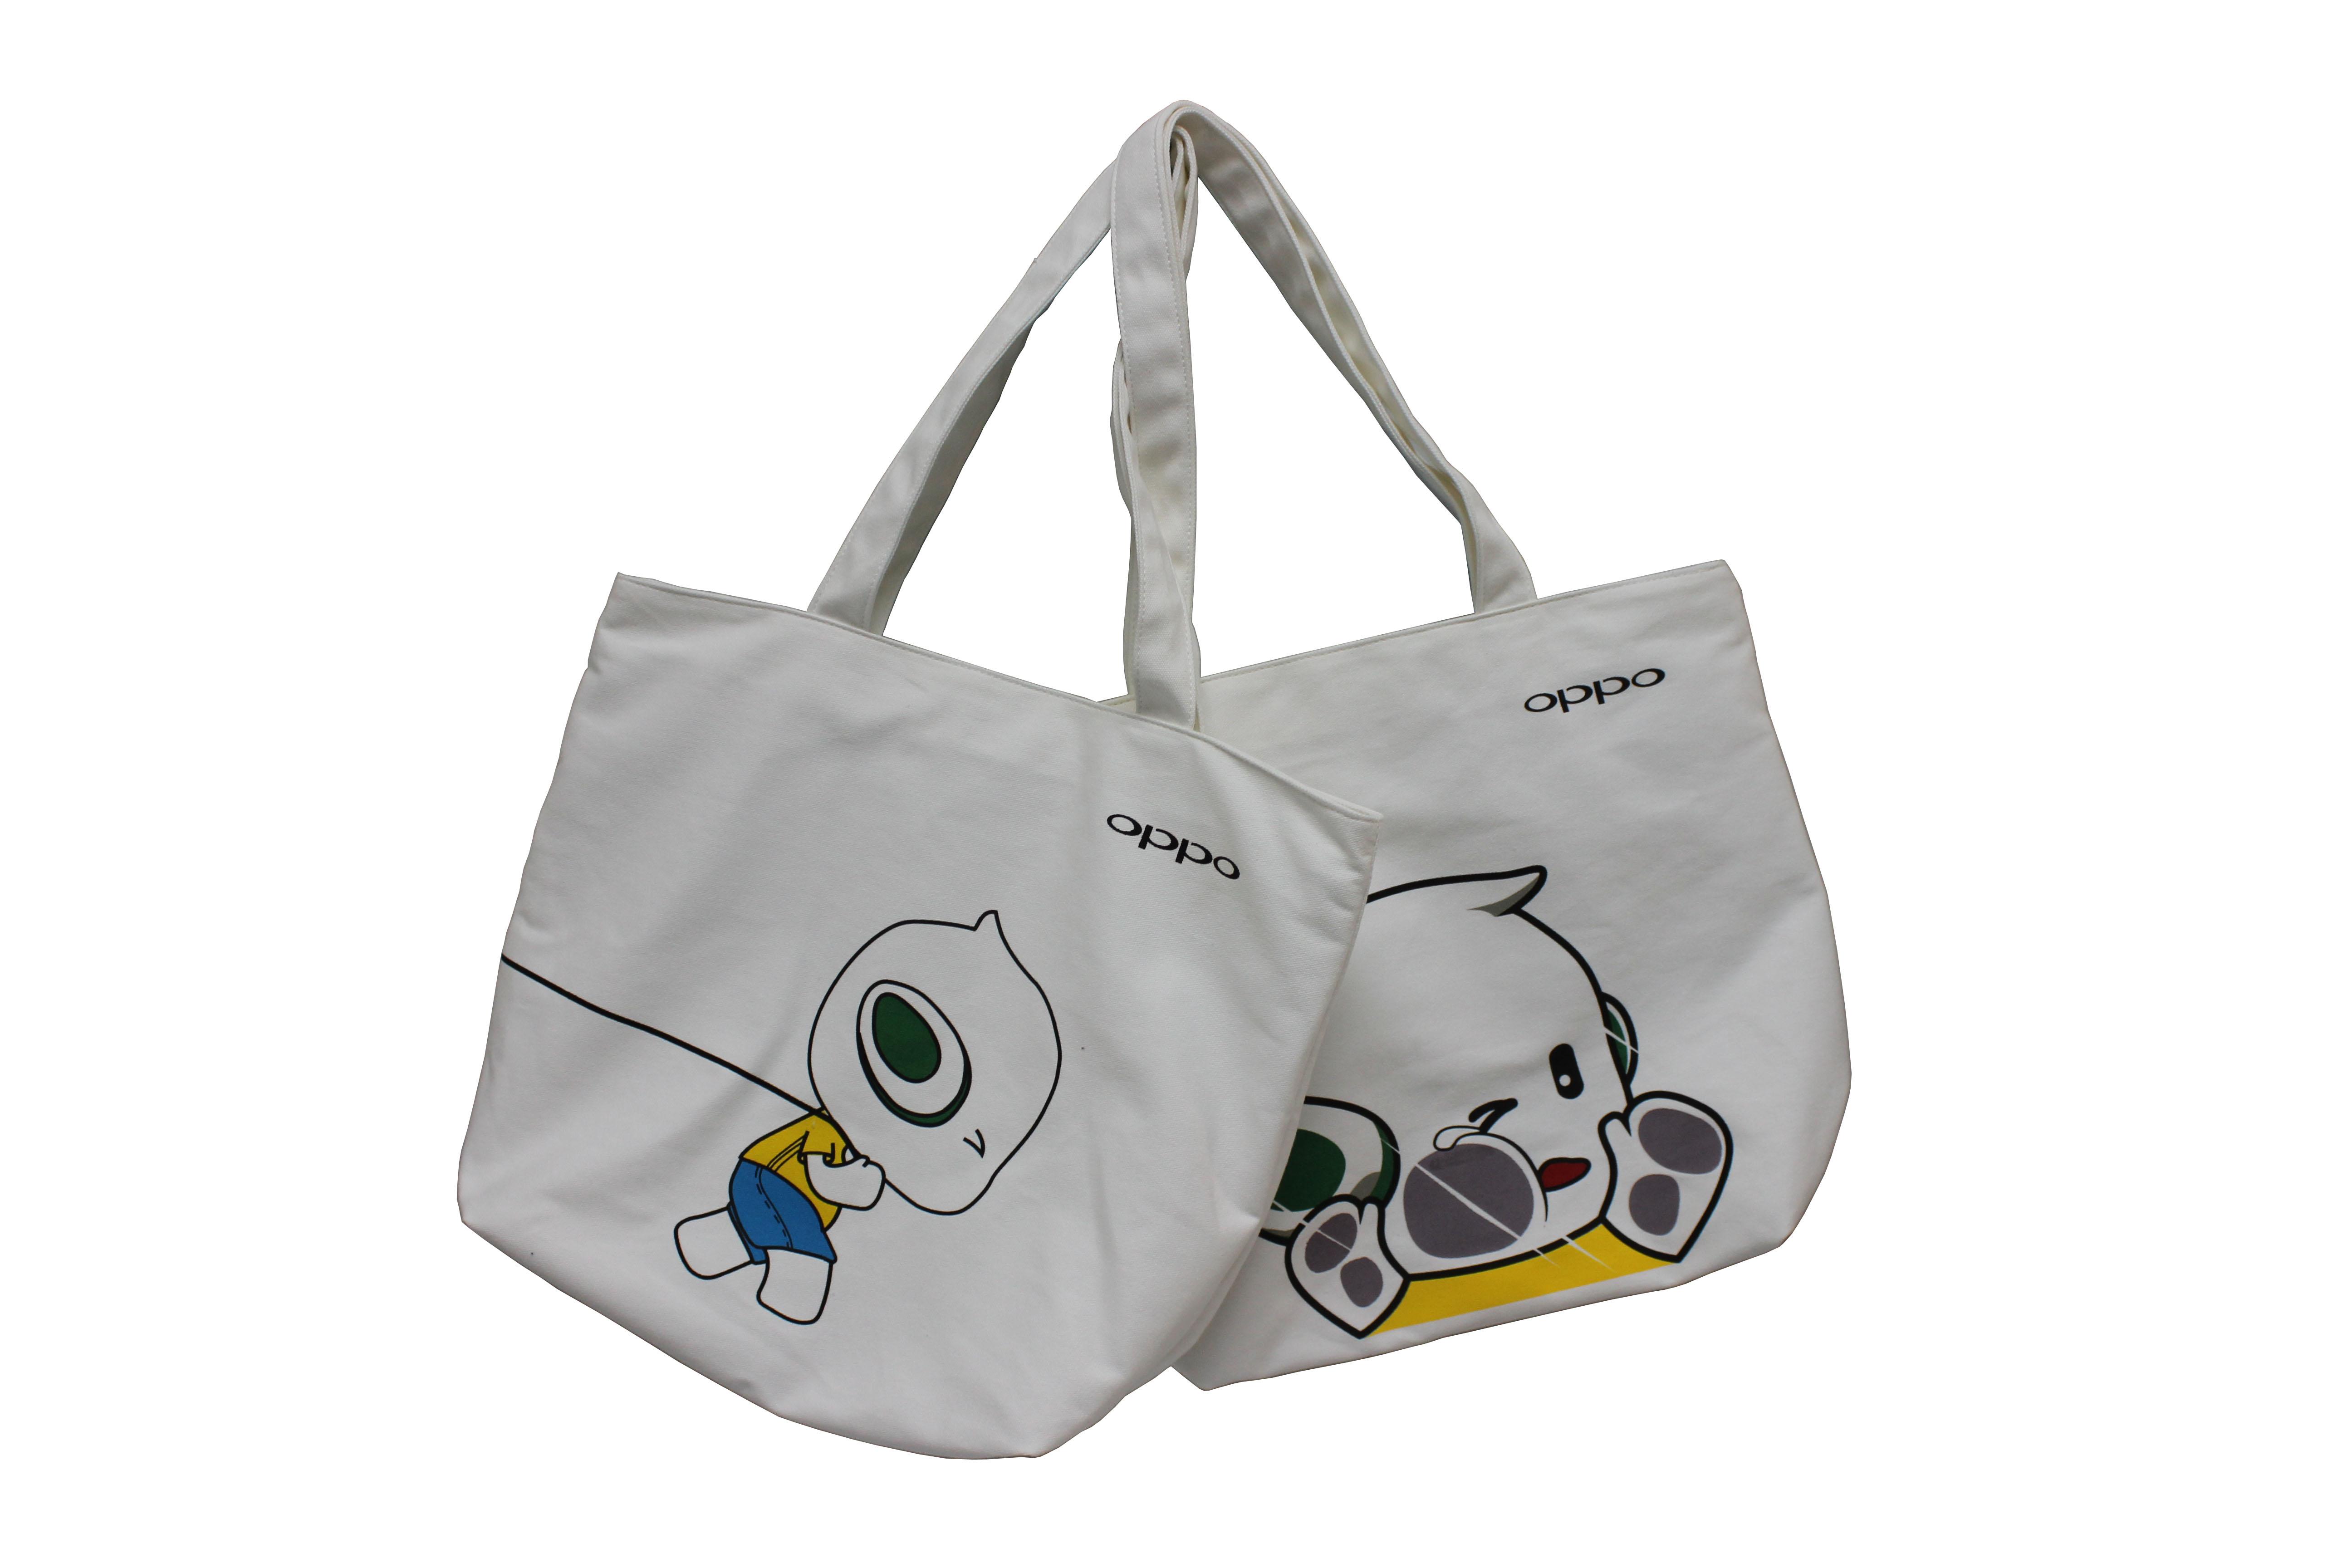 厂家热销帆布袋 购物袋 手提袋 单肩包图片四